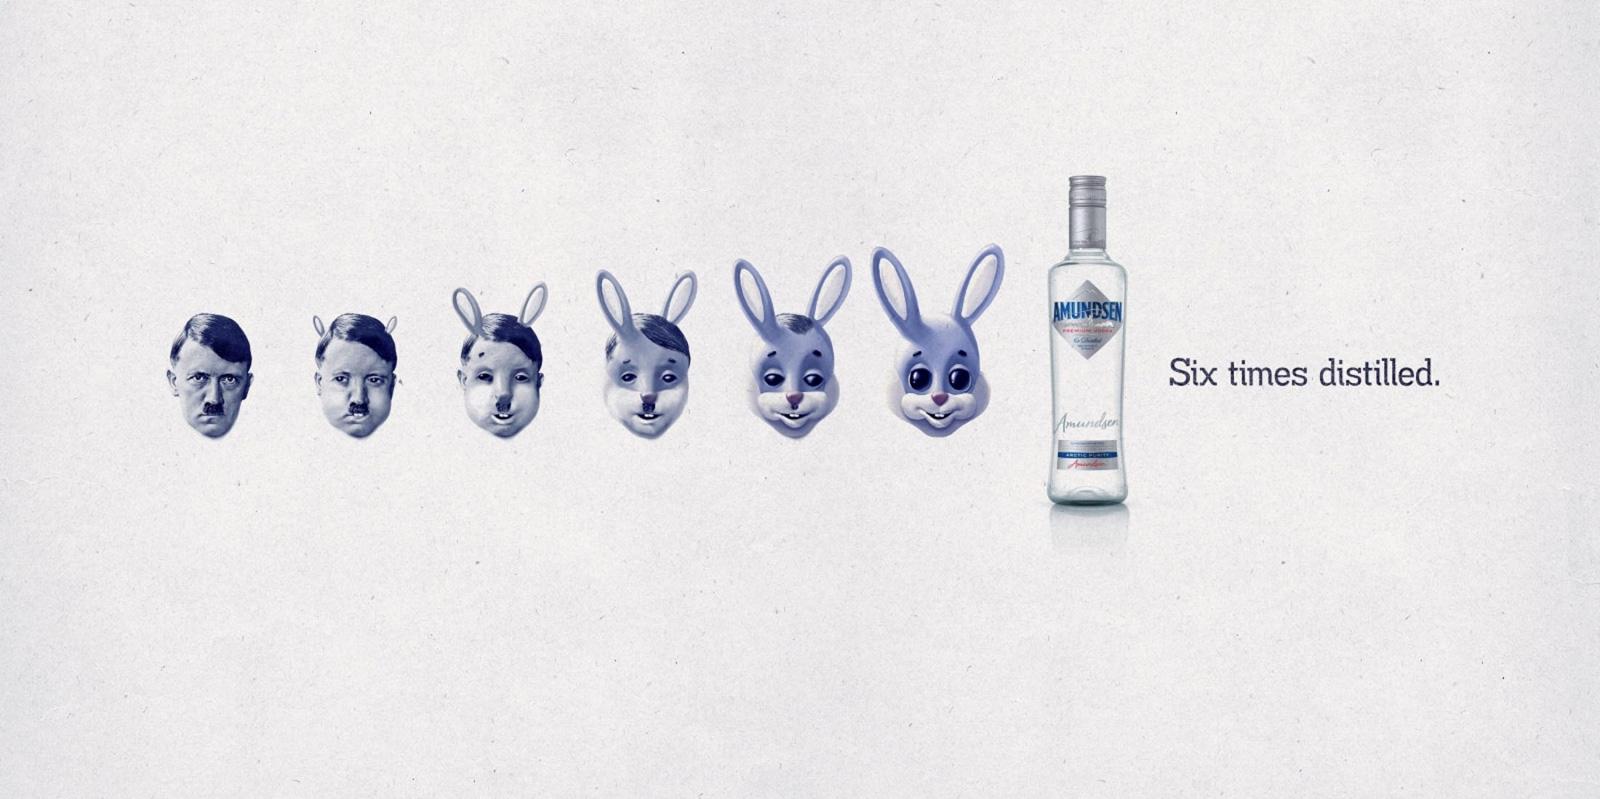 קמפיין Amundsen Vodka